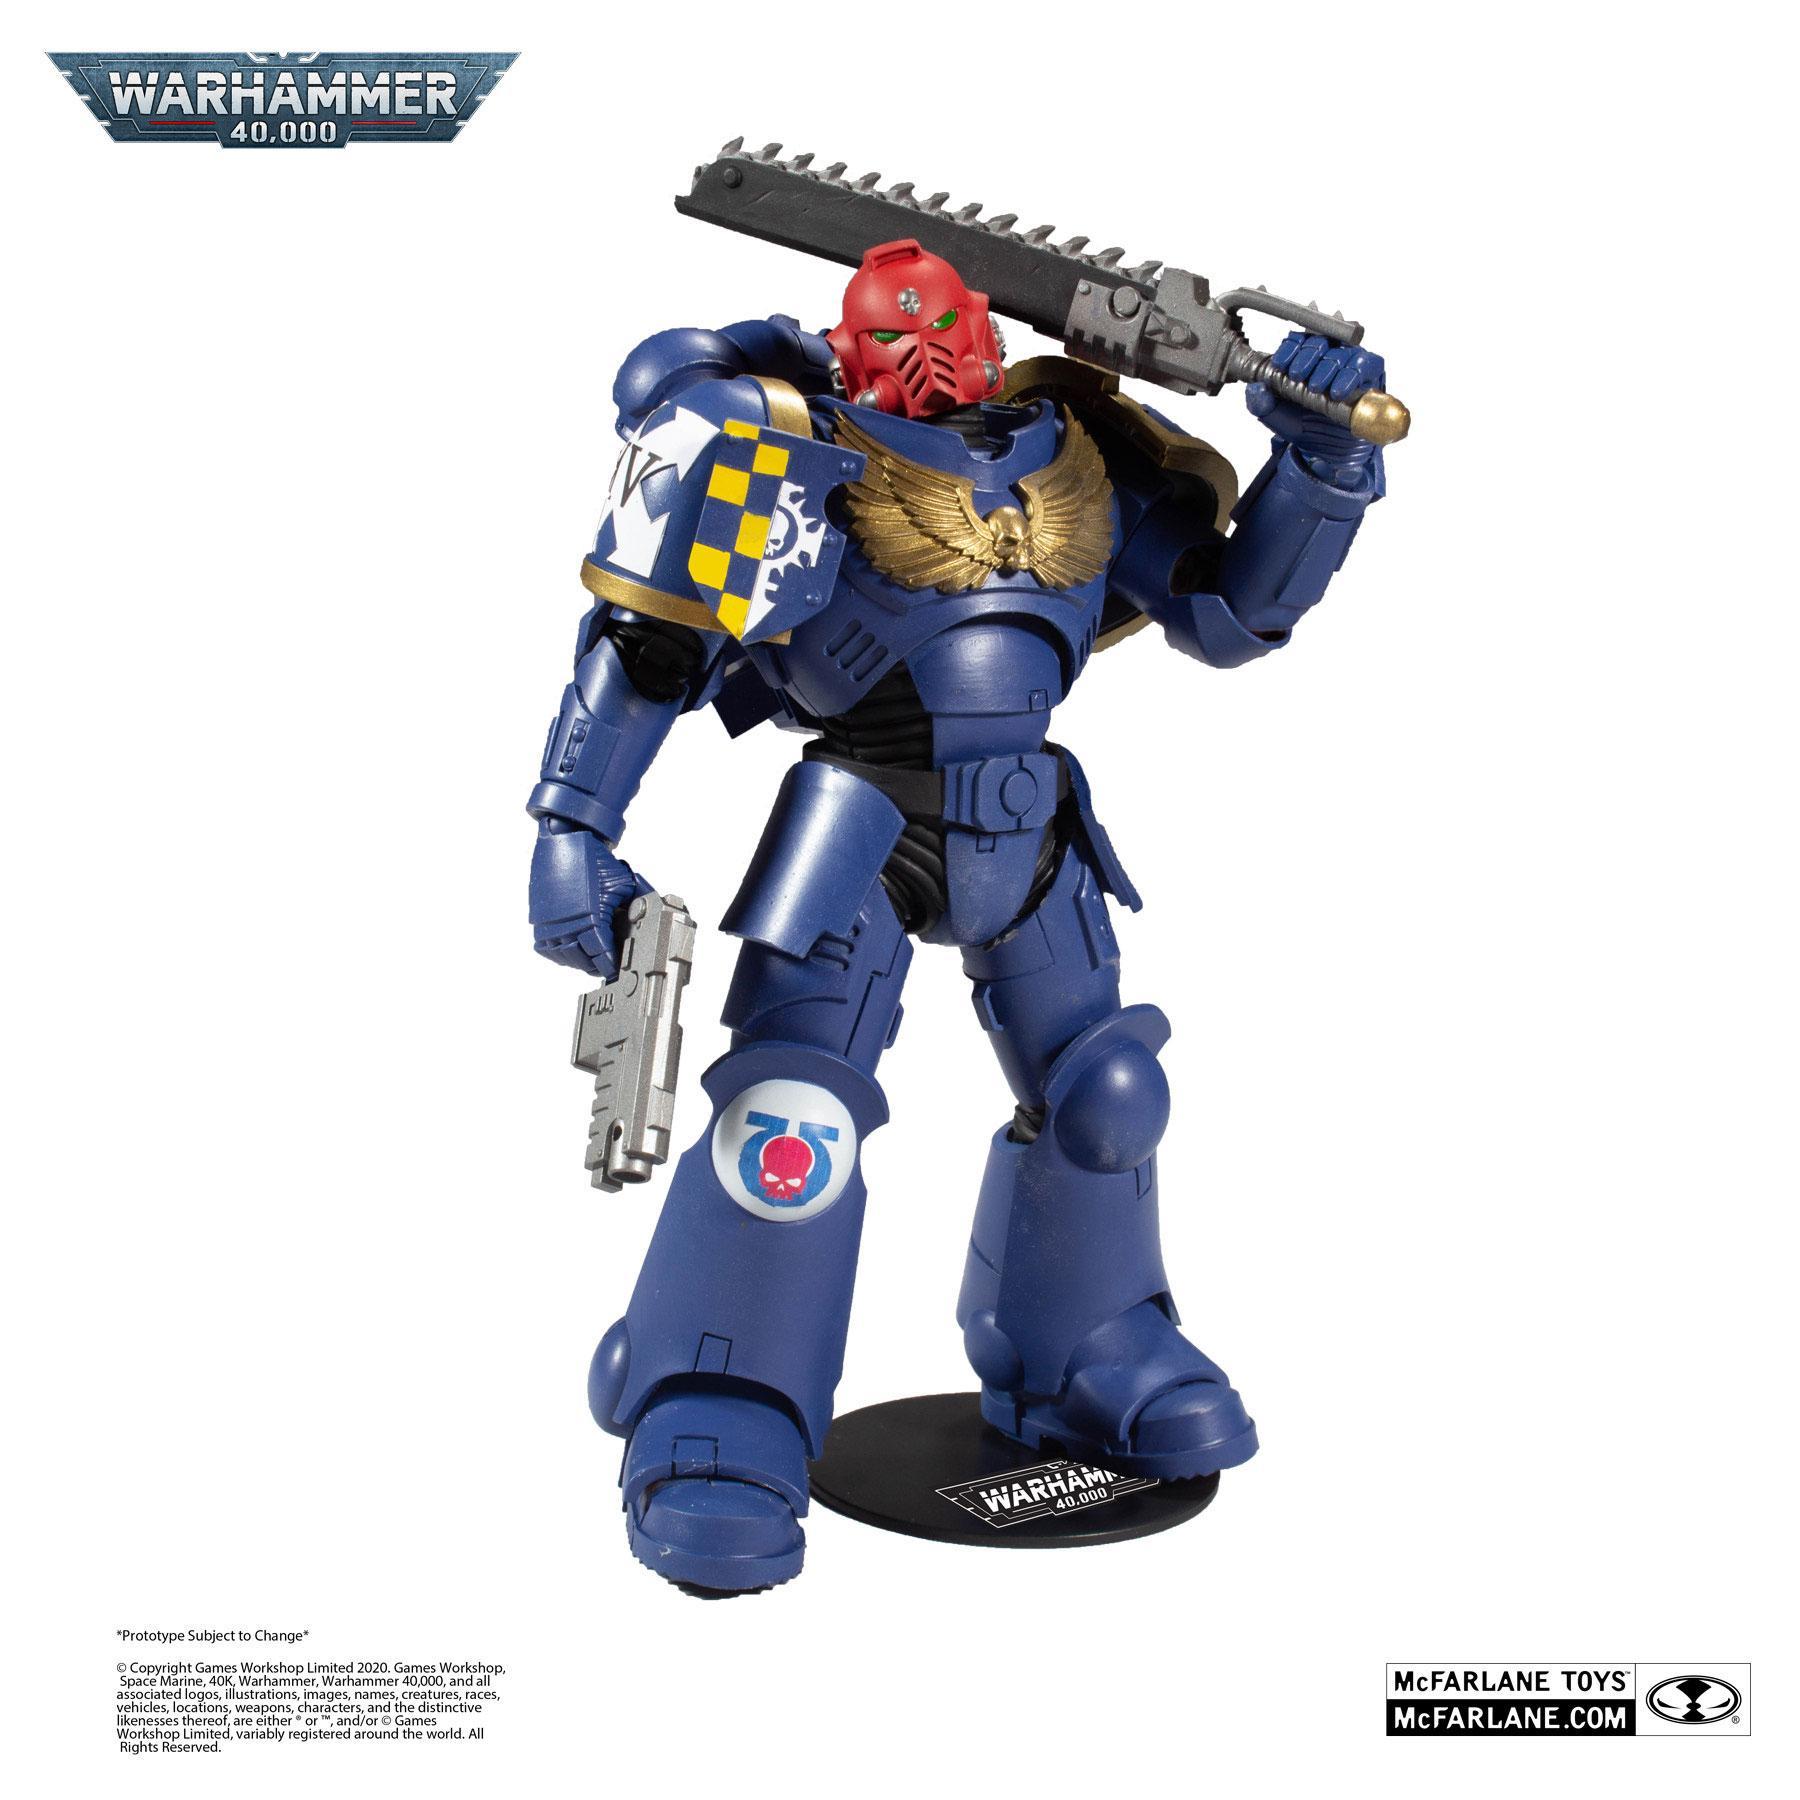 Warhammer 40k Actionfigur Space Marine 18 cm MCF10912-2 787926109122